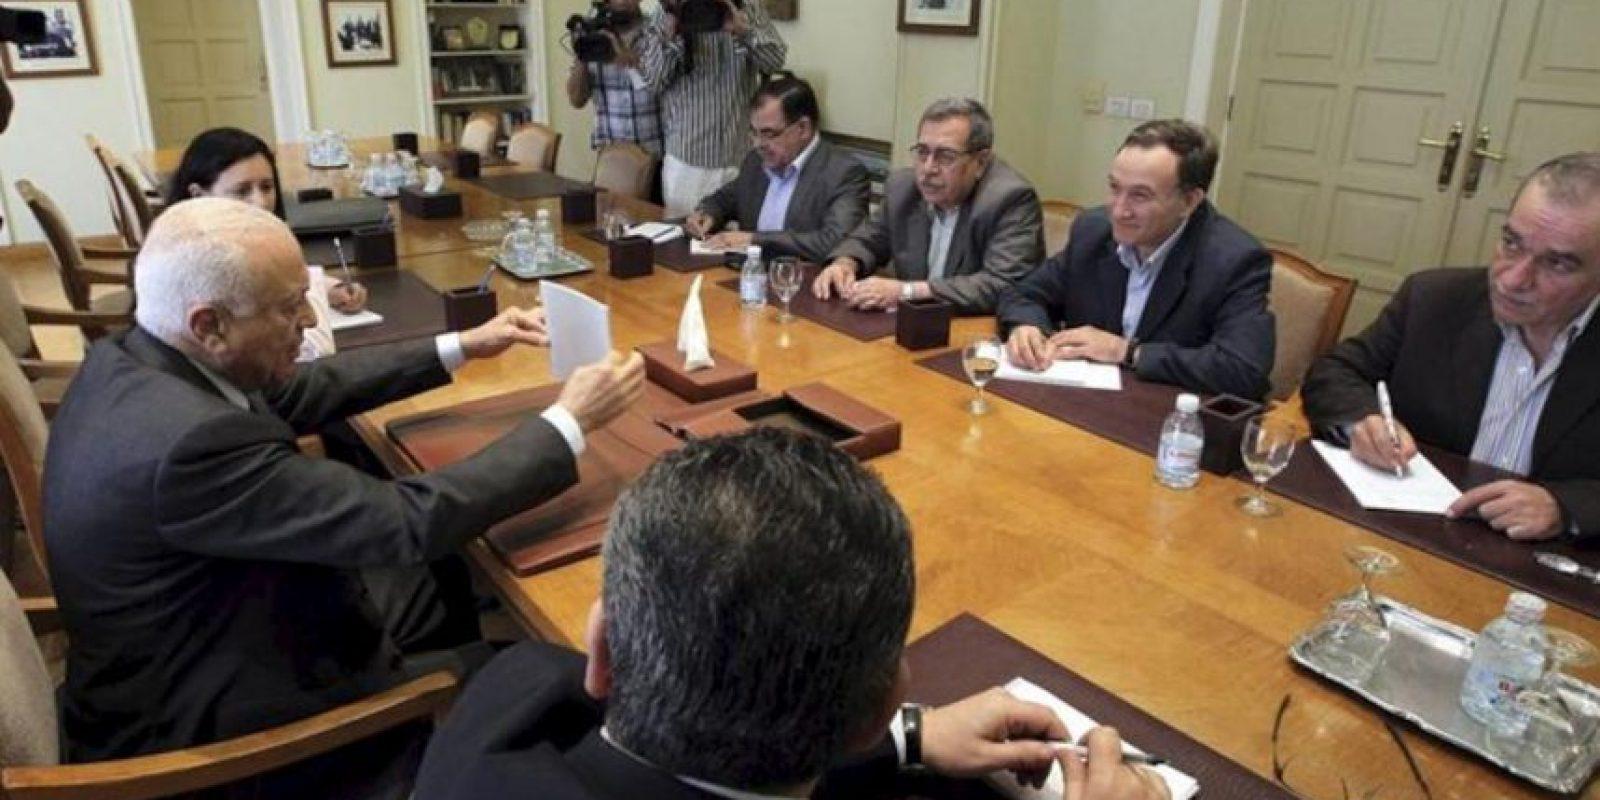 El secretario general de la Liga Árabe Nabil Alaraby (i) durante una reunión con líderes opositores sirios Abdul-Aziz al-Khair (d) y Haytham Manaa (2-d) en El Cairo, Egipto. EFE